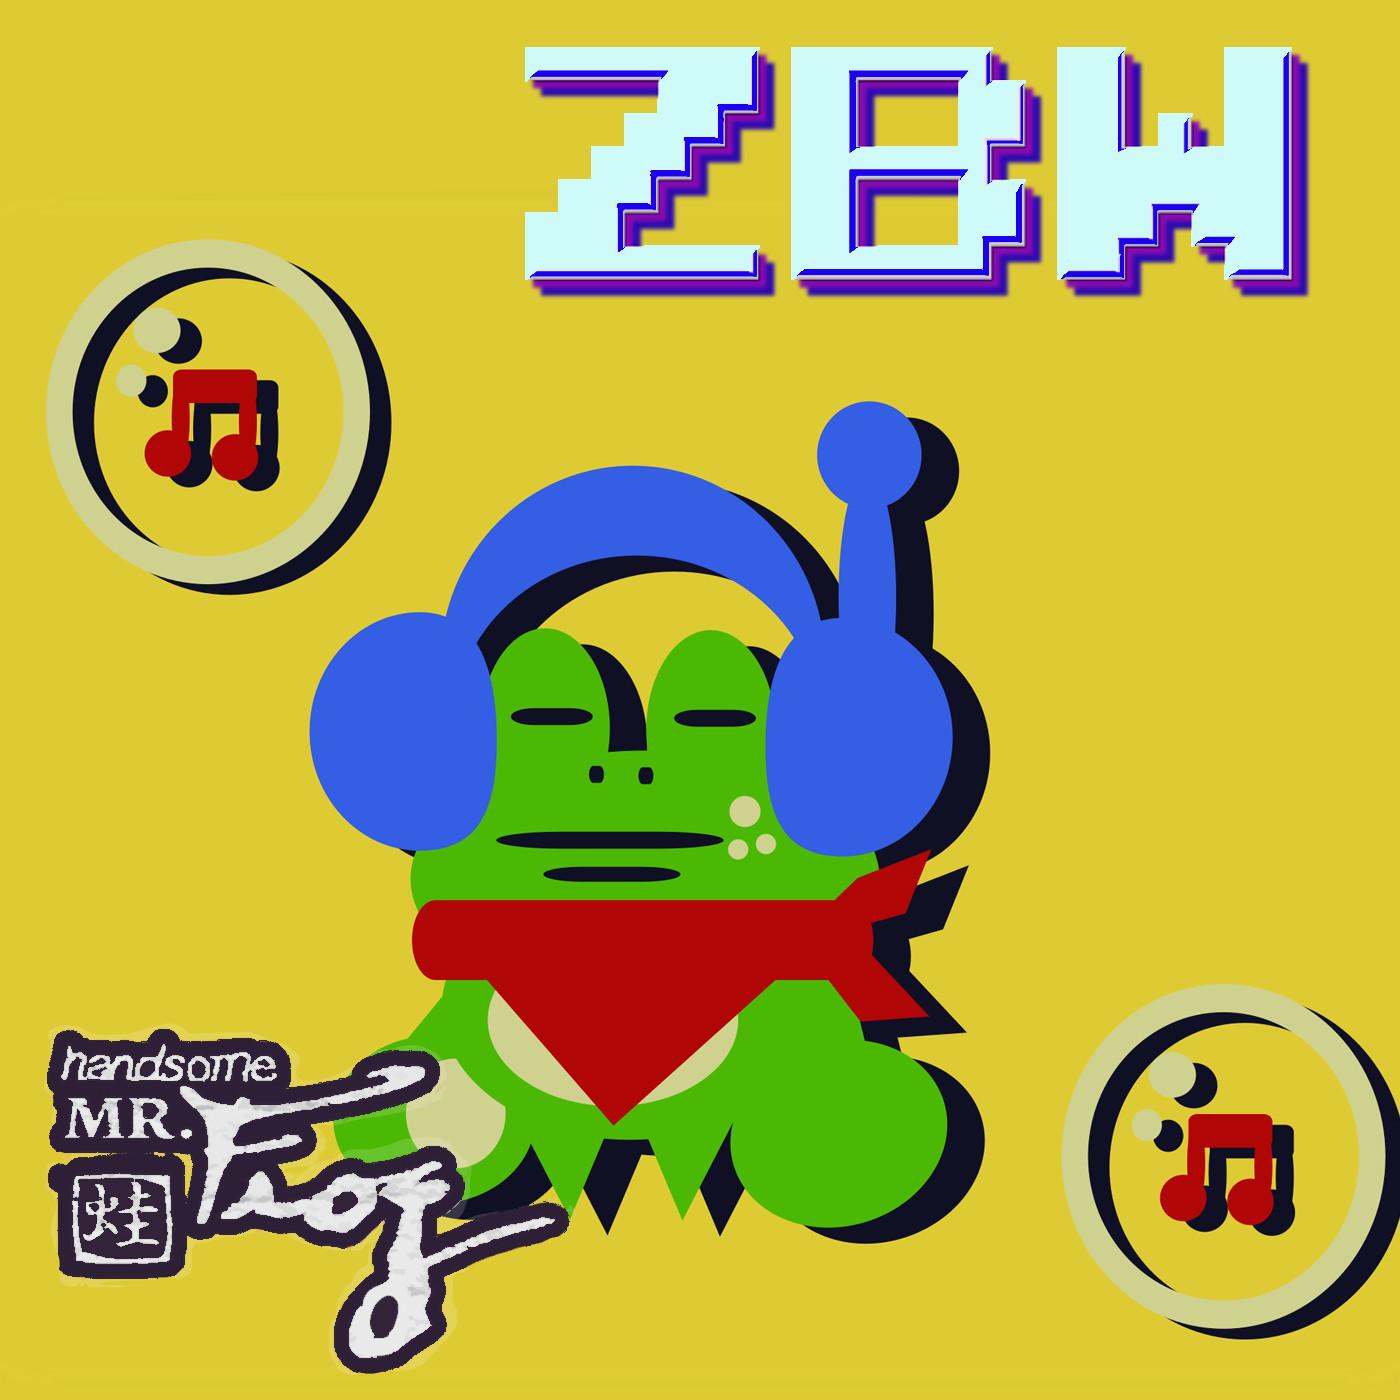 Handsome Mr. Frog OST screenshot